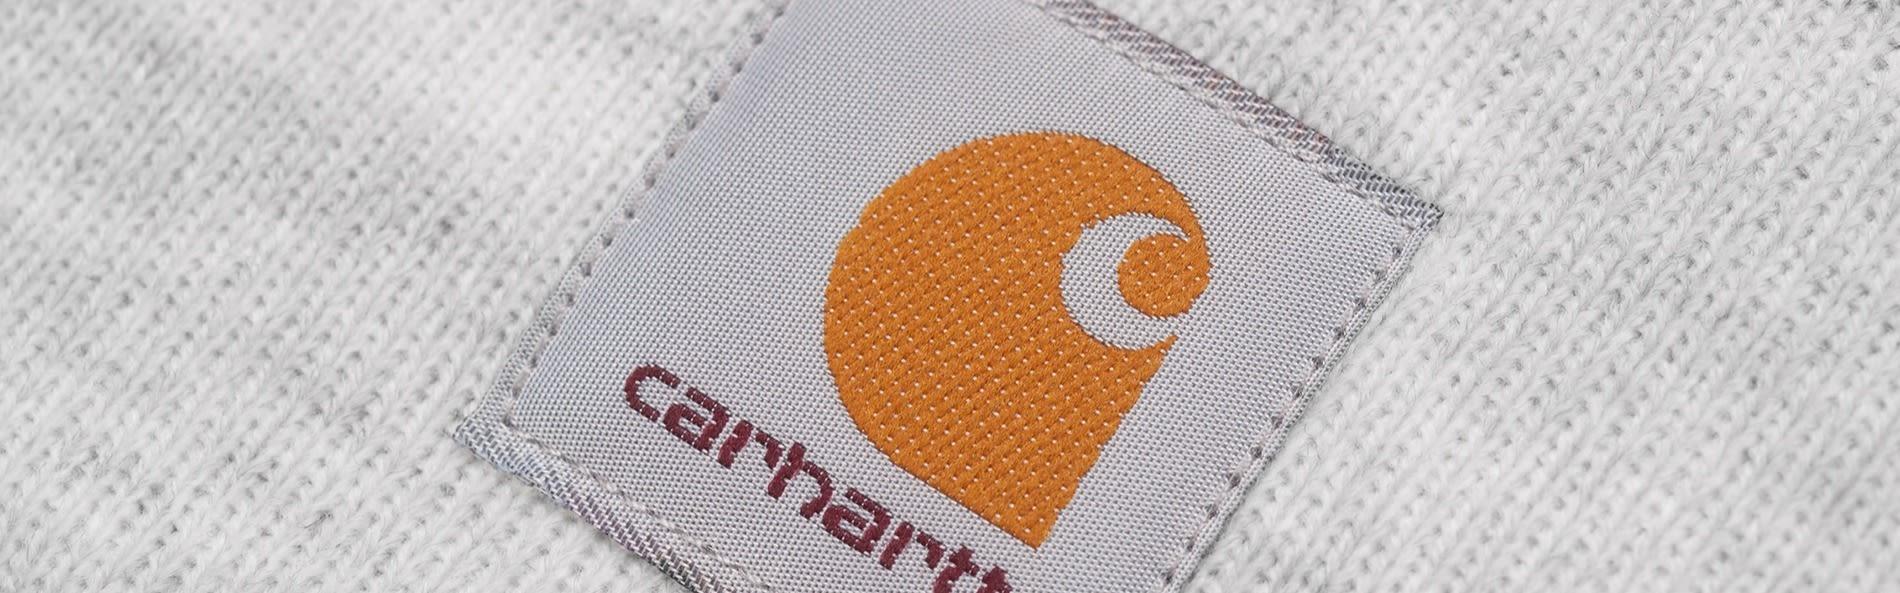 Carhartt WIP Beanies